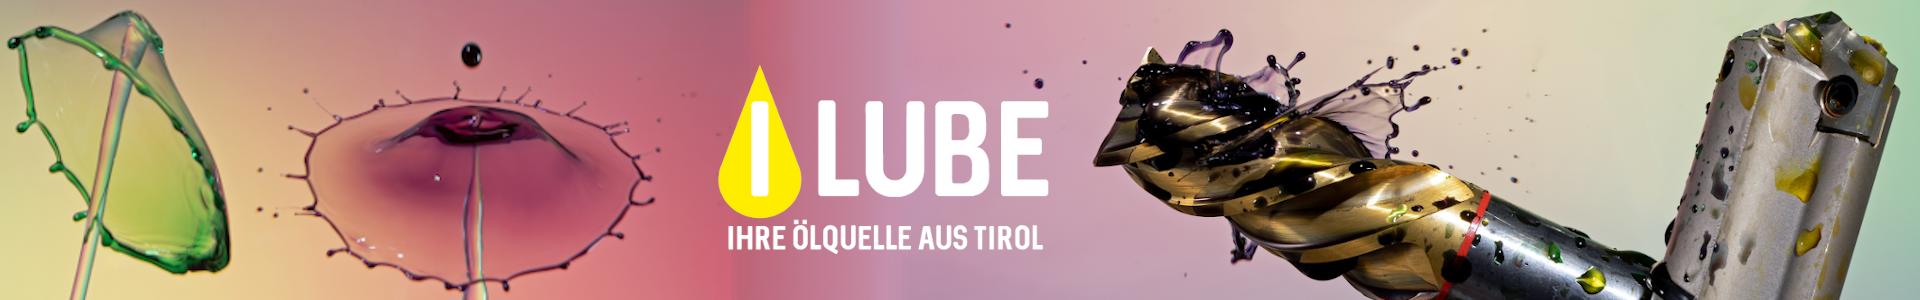 ILUBE - KSS und Zubehör